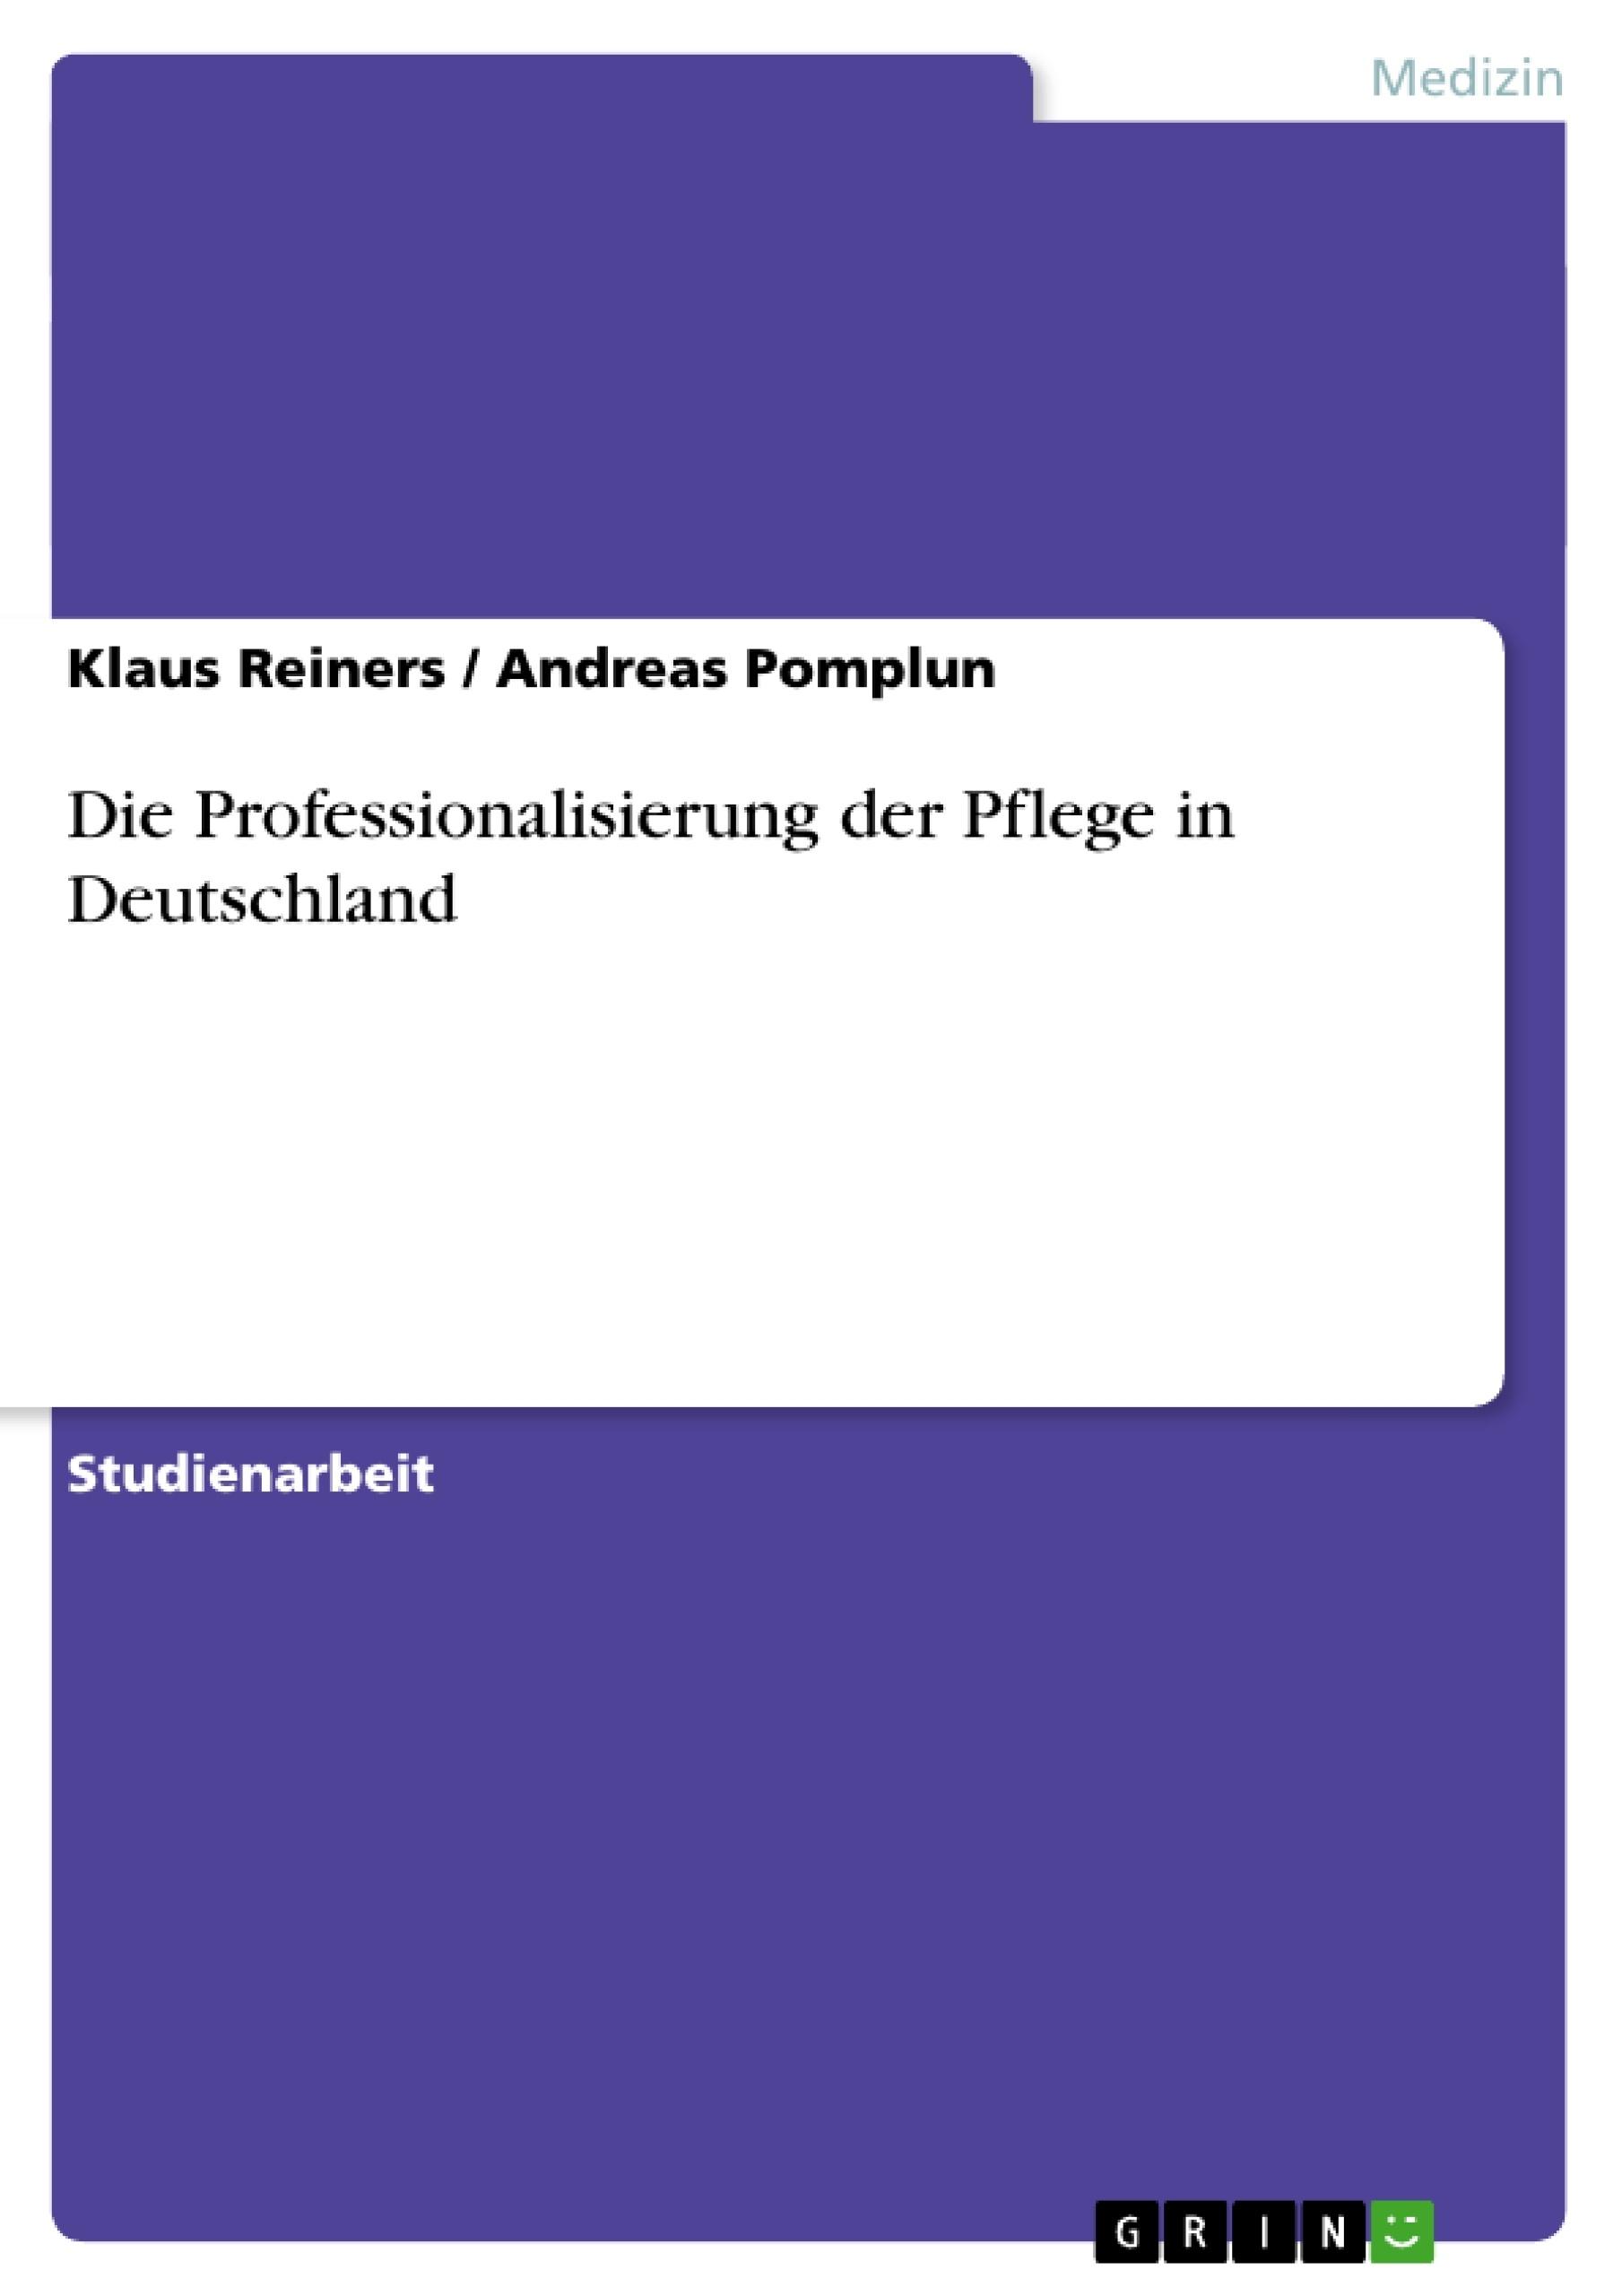 Titel: Die Professionalisierung der Pflege in Deutschland